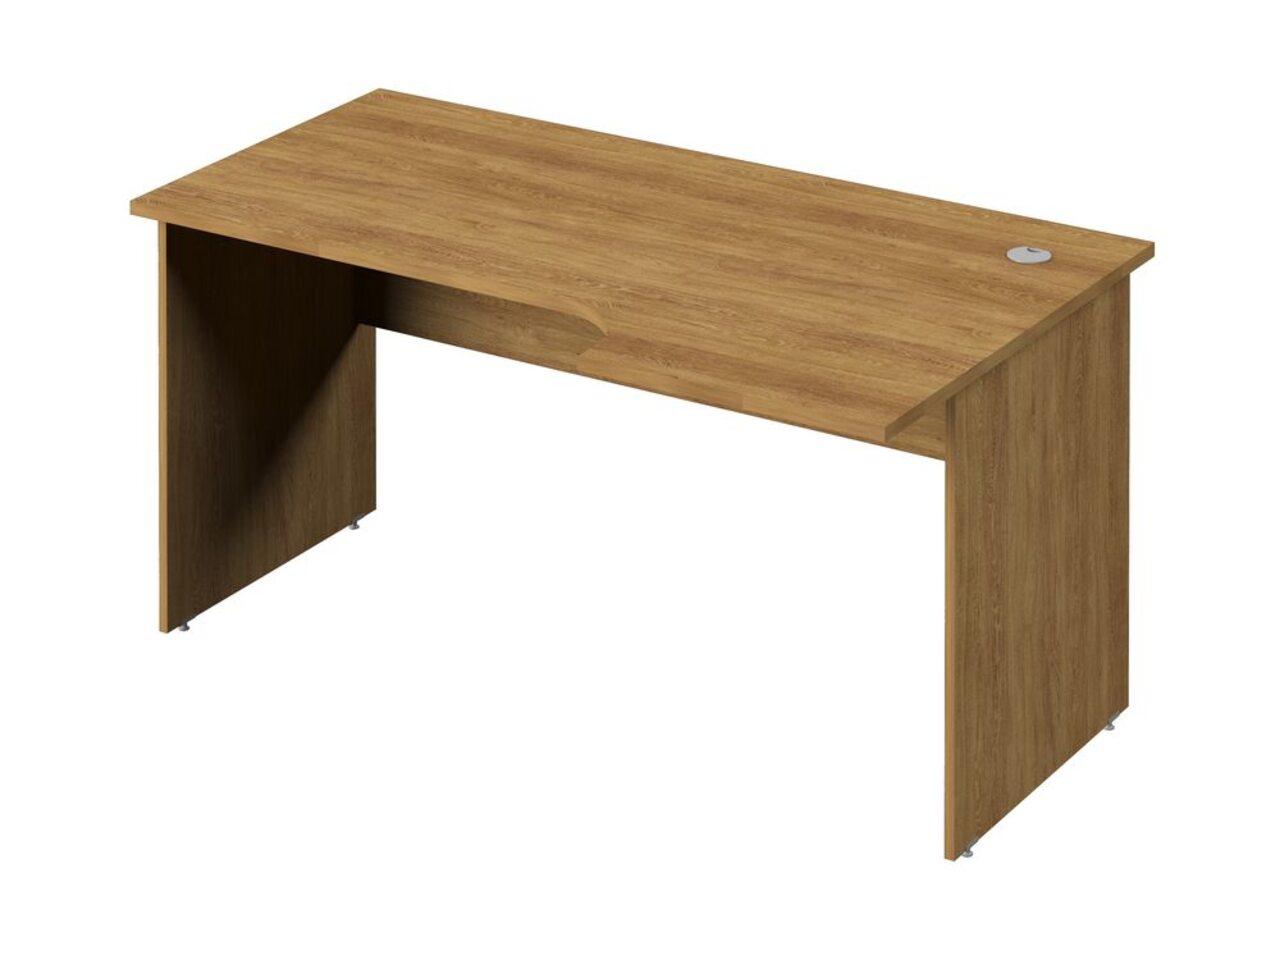 Стол эргономичный с опорами из ЛДСП  (правый) Public Comfort 150x52x71 - фото 3